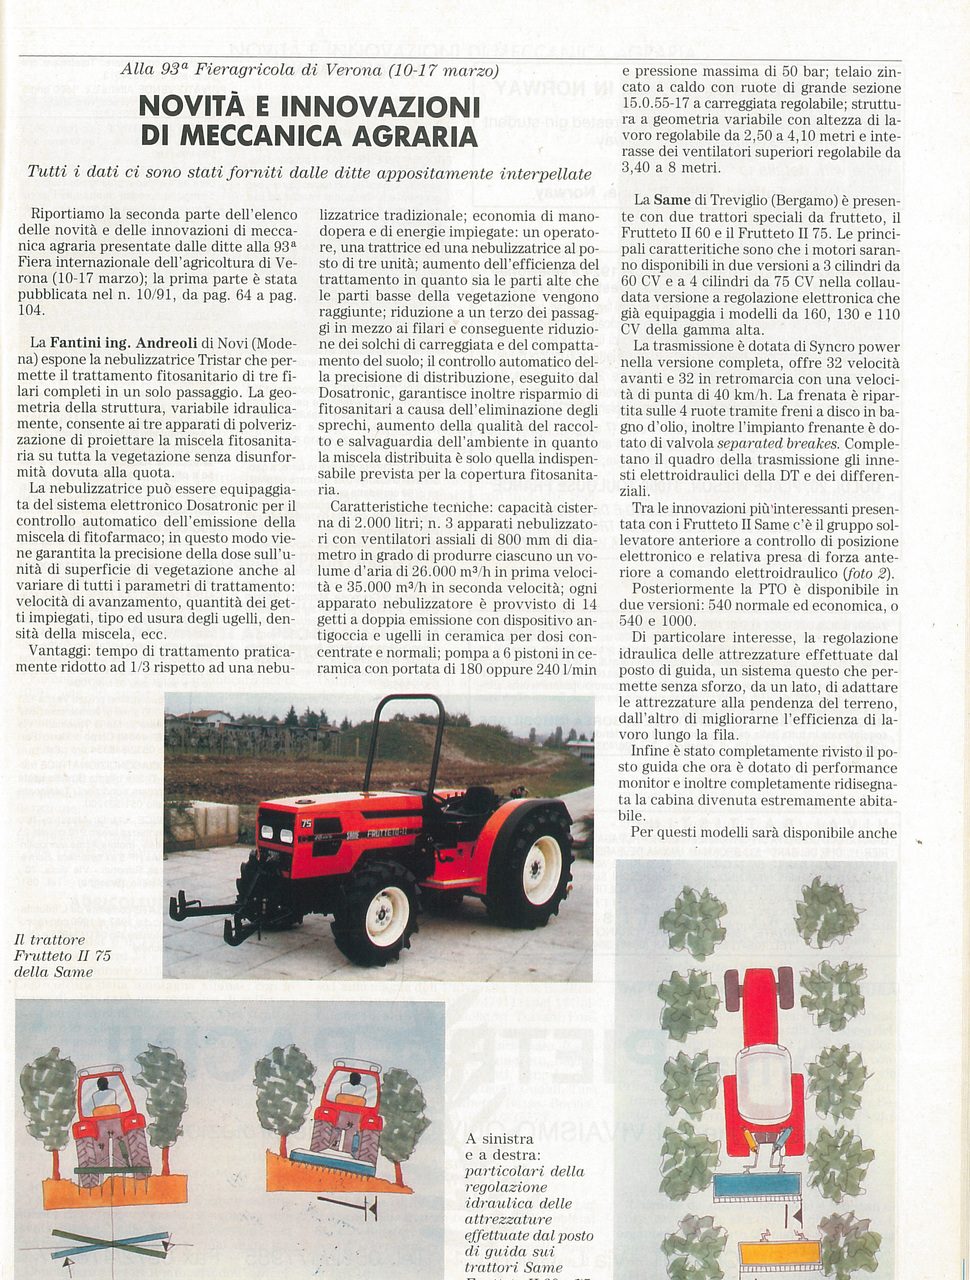 Novità e innovazioni di meccanica agraria